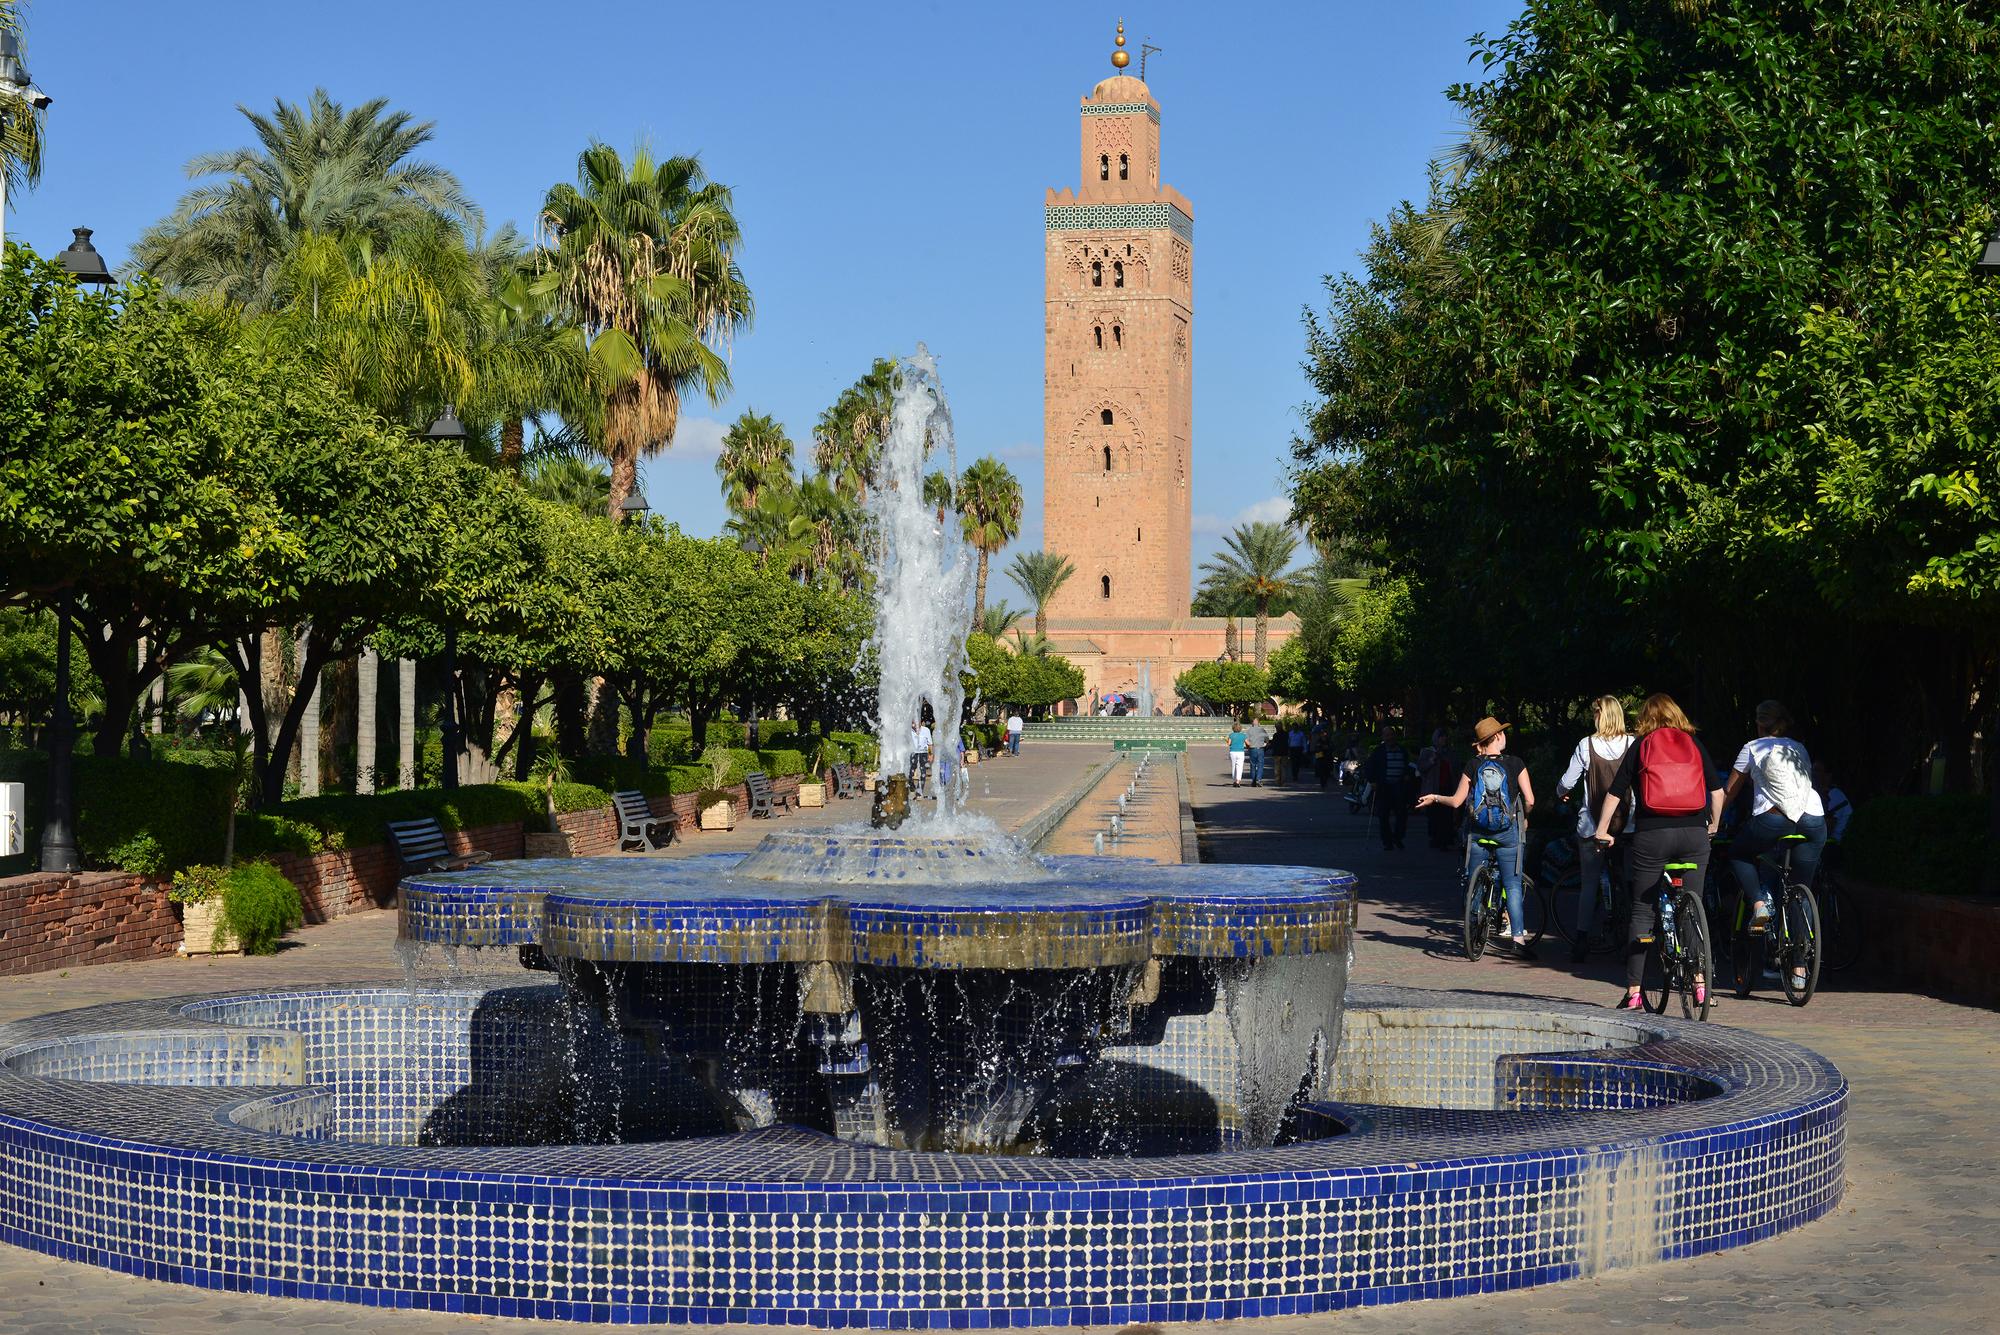 Ontdek Marrakech op de fiets incl. Nederlandstalige begeleiding langs de Highlights van Marrakech voor maar € 35,- p.p